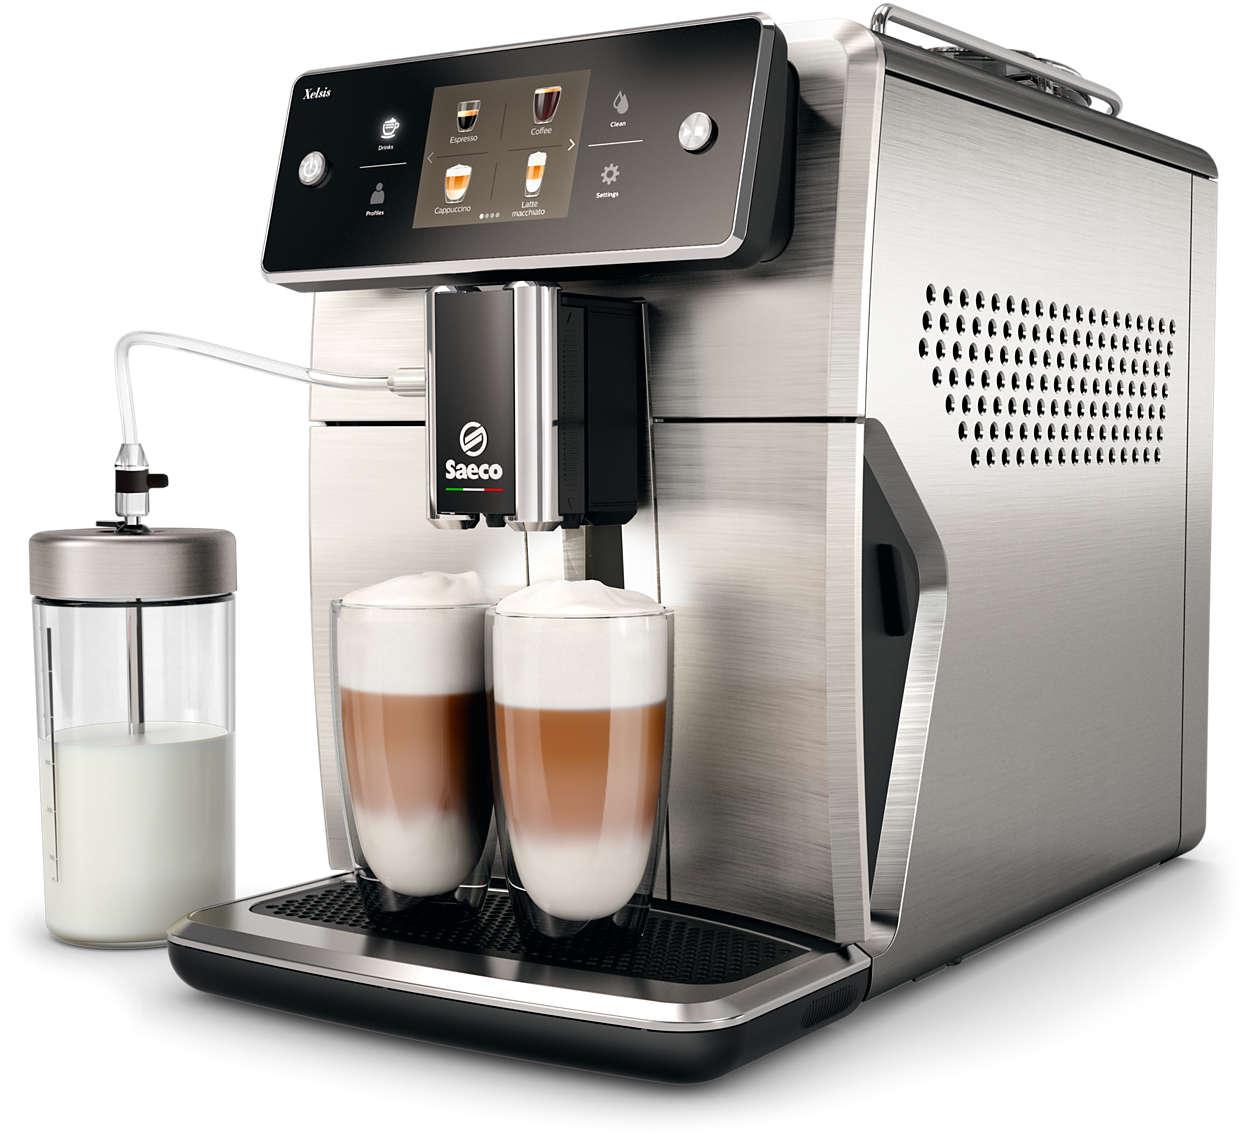 """Kol kas pažangiausias """"Saeco"""" espreso kavos aparatas"""